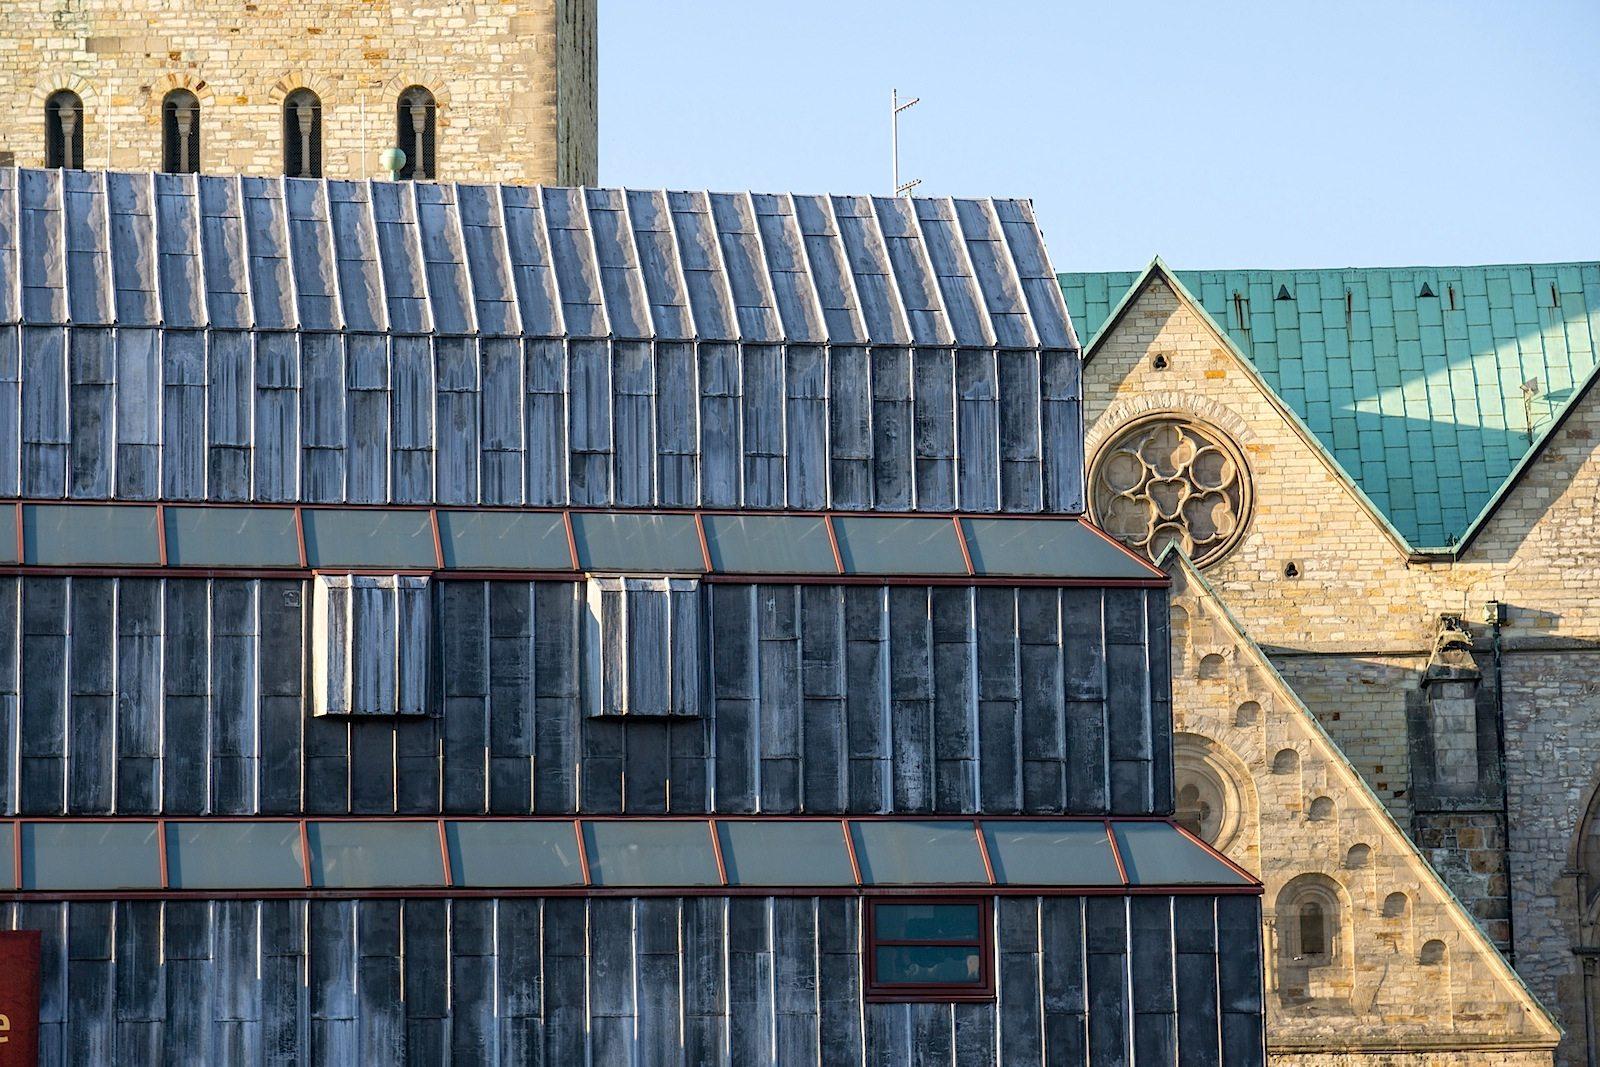 Der Umbau. Nachdem konservatorische Mängel offenkundig wurden, gestaltete man das Gebäude nach Plänen des Architekten Michael Brawne von 1991 bis 1993 neu um.